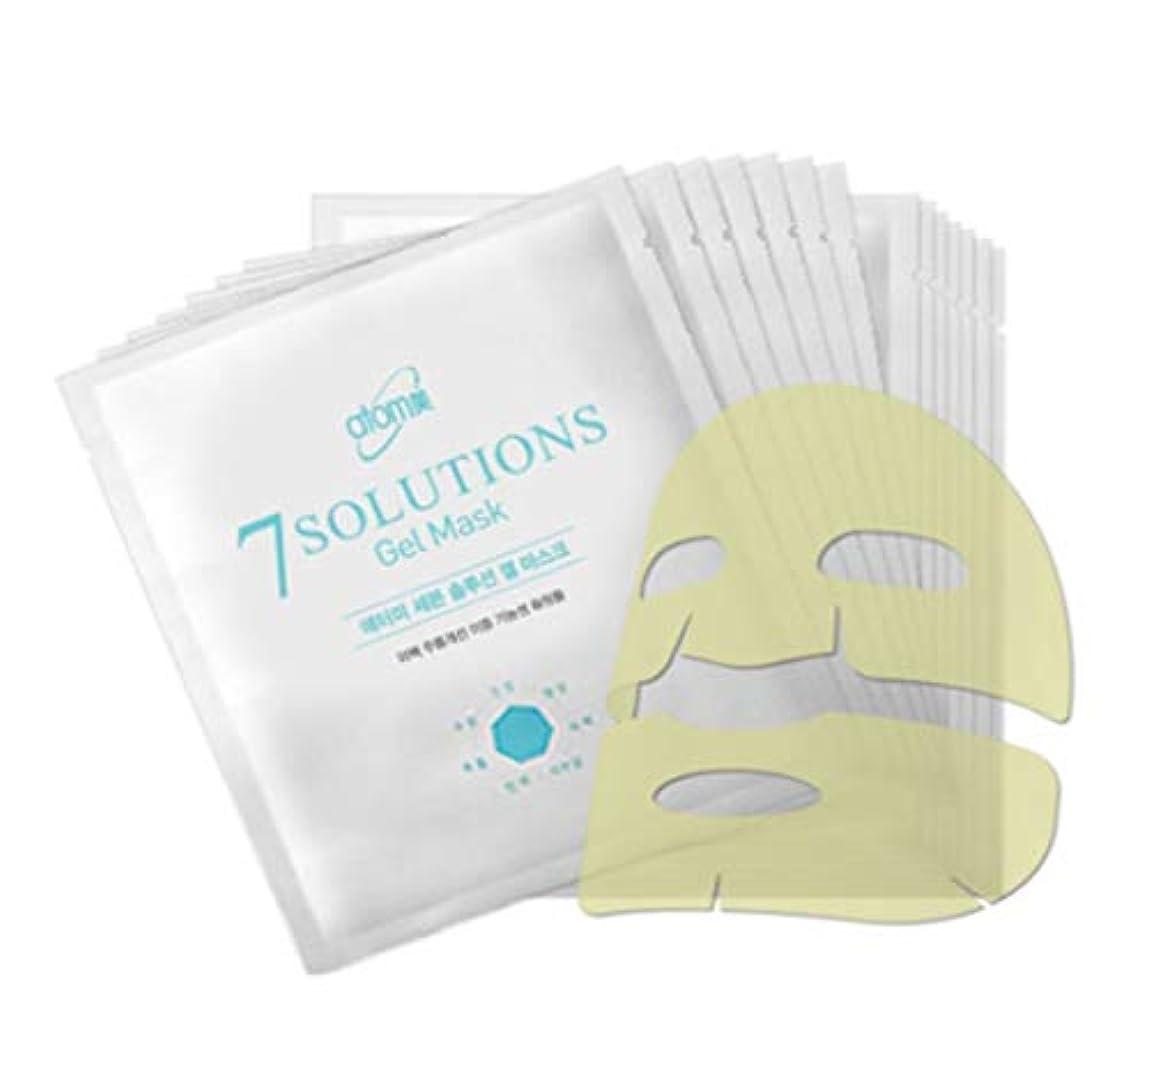 代数電話悪行Atomy アトミ 7 solution Gel Mask 25g X 14ea美白シワ改善二重機能性化粧品(並行輸入品)